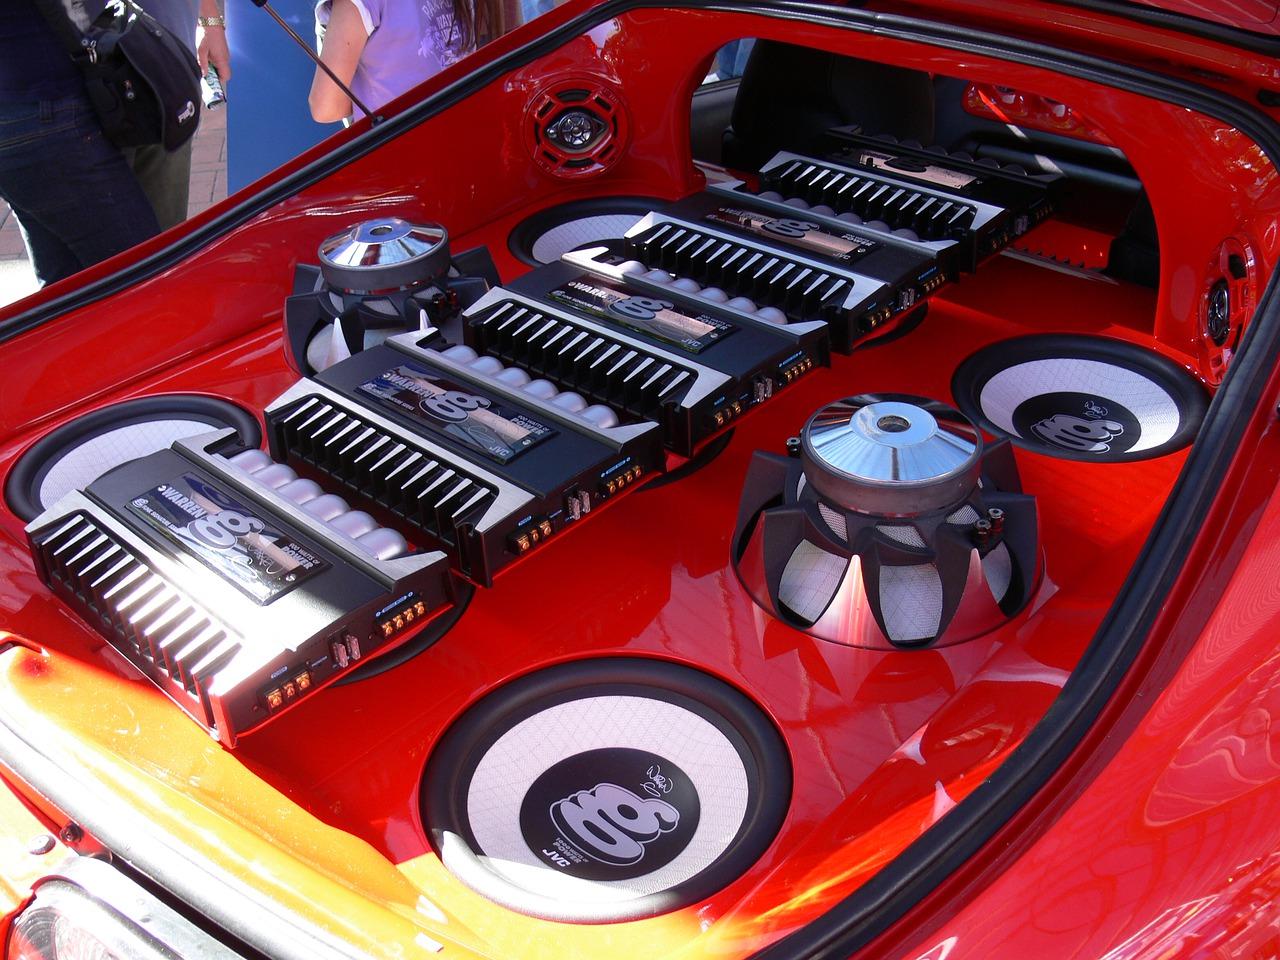 Imagem mostra um carro com um sistema de som completo.